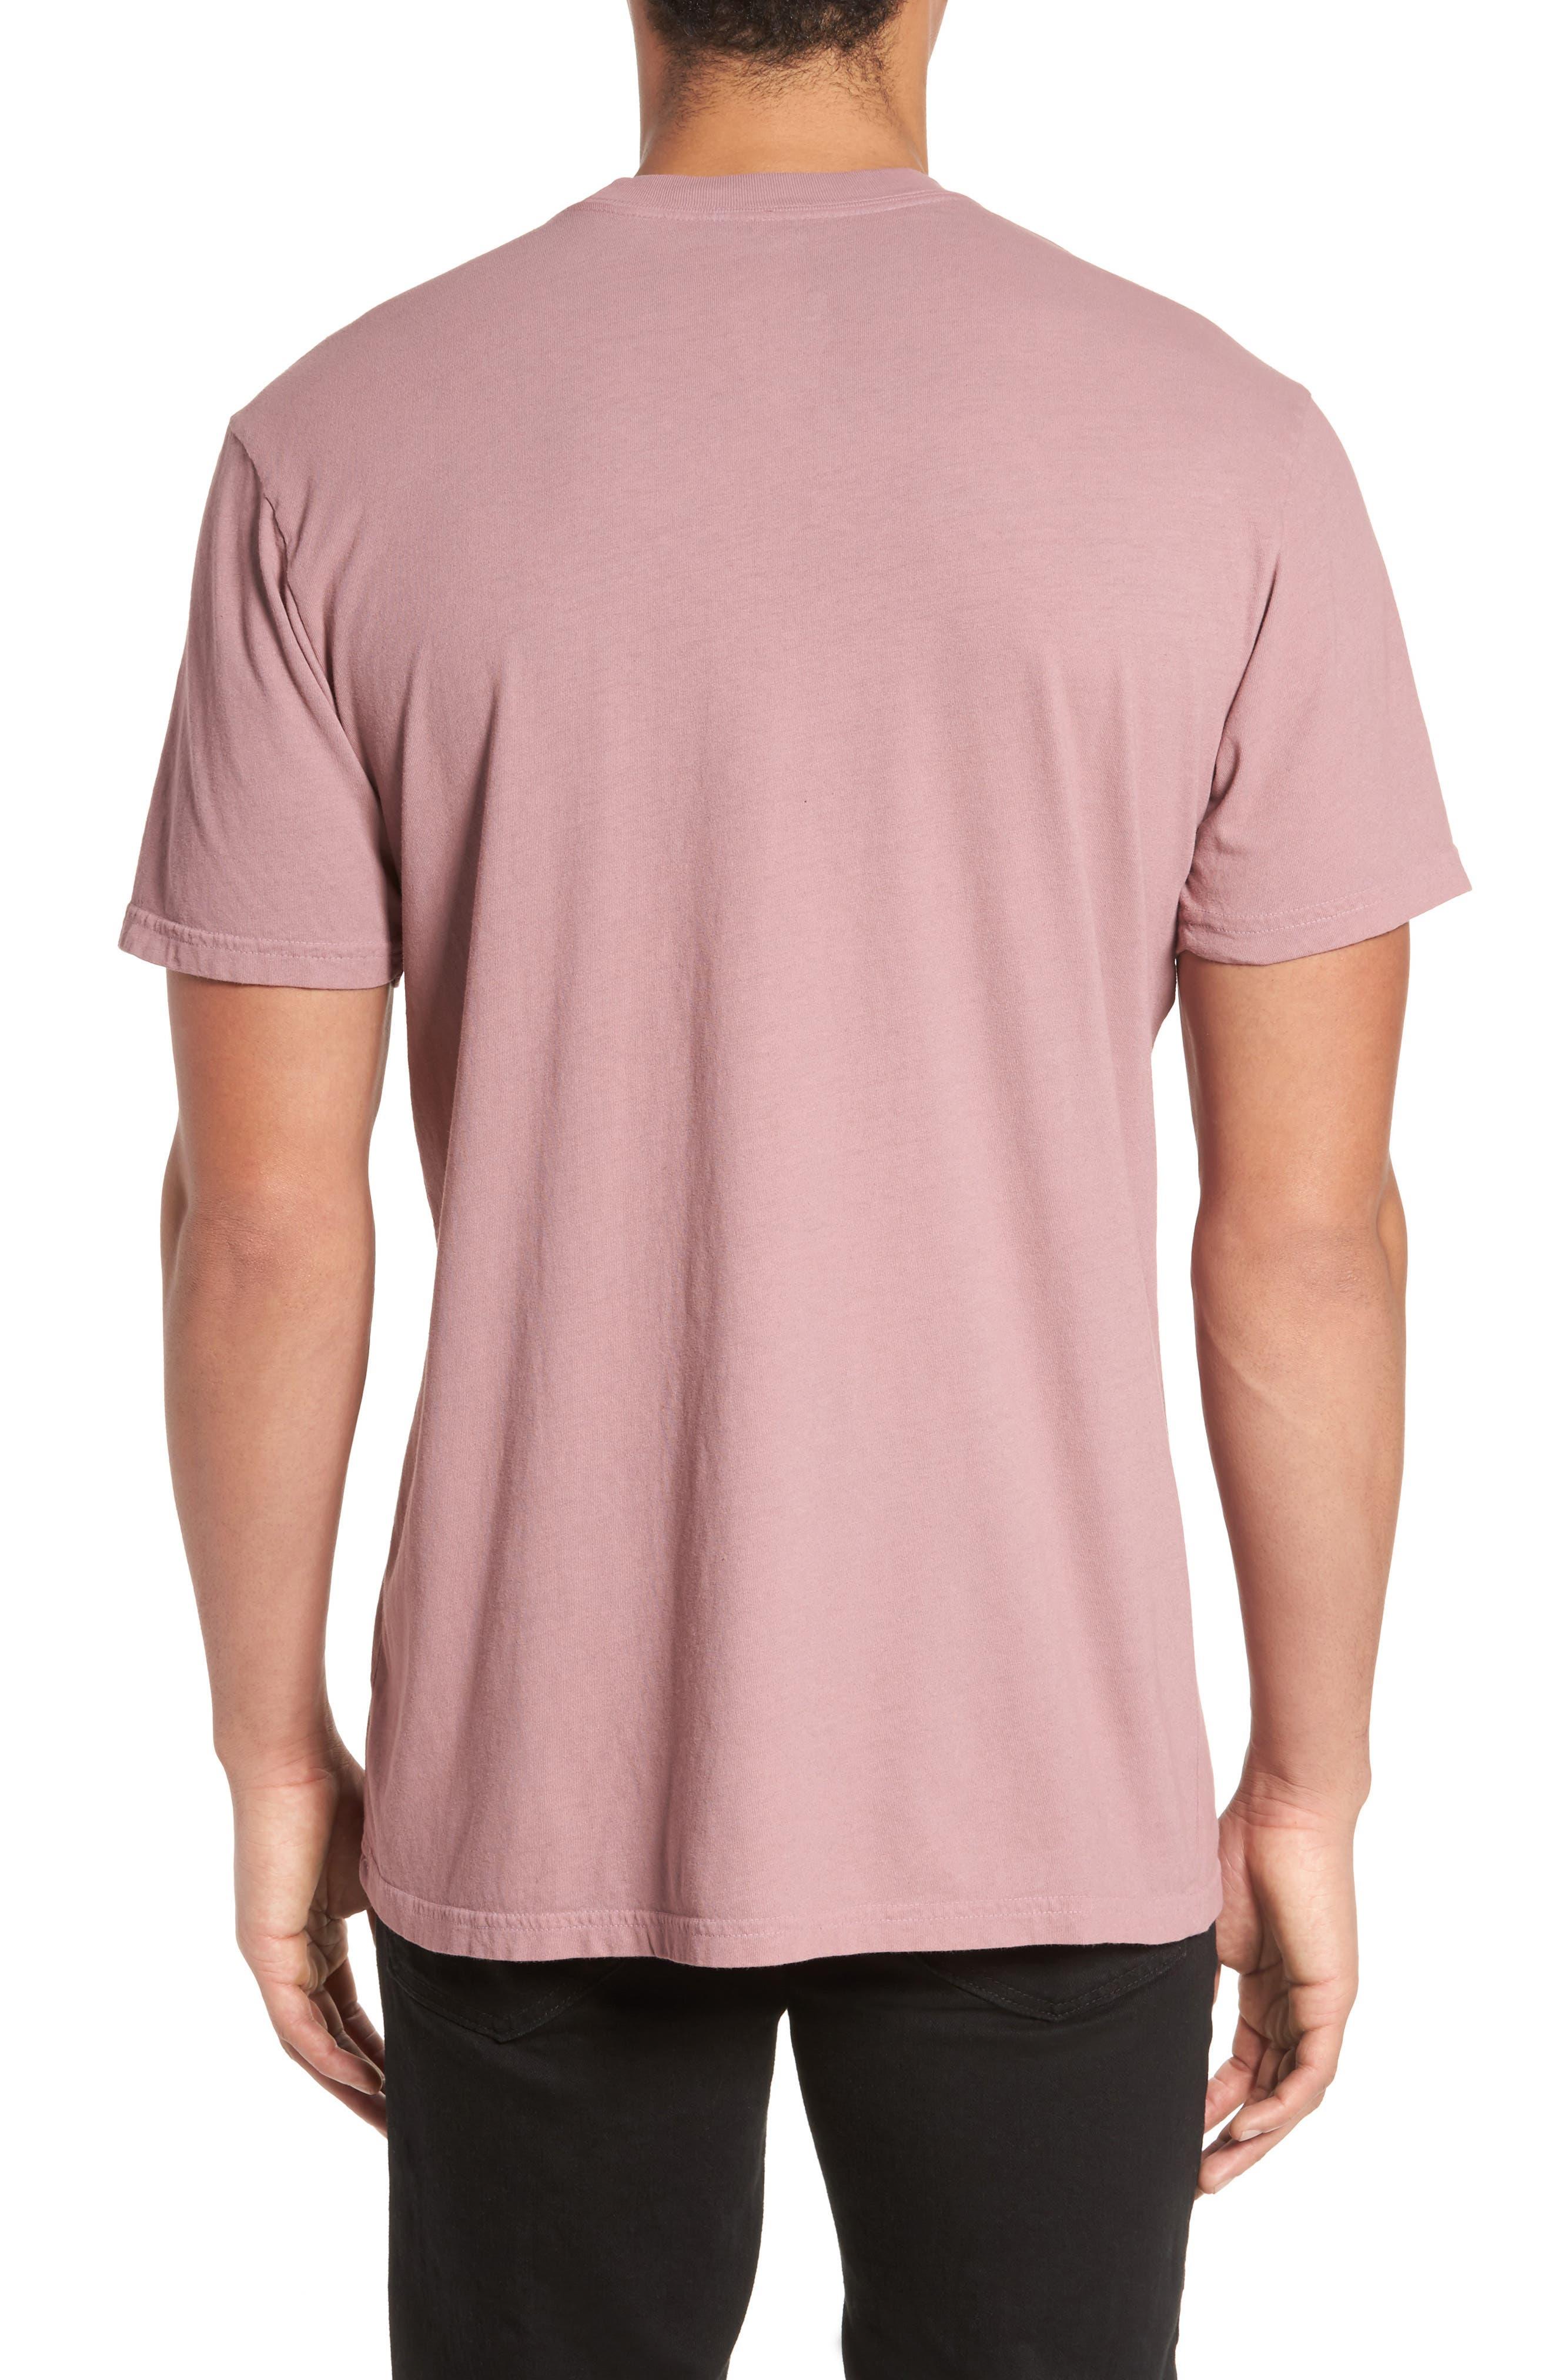 Alternate Image 2  - Iggy Pop x Billabong Iguana T-Shirt